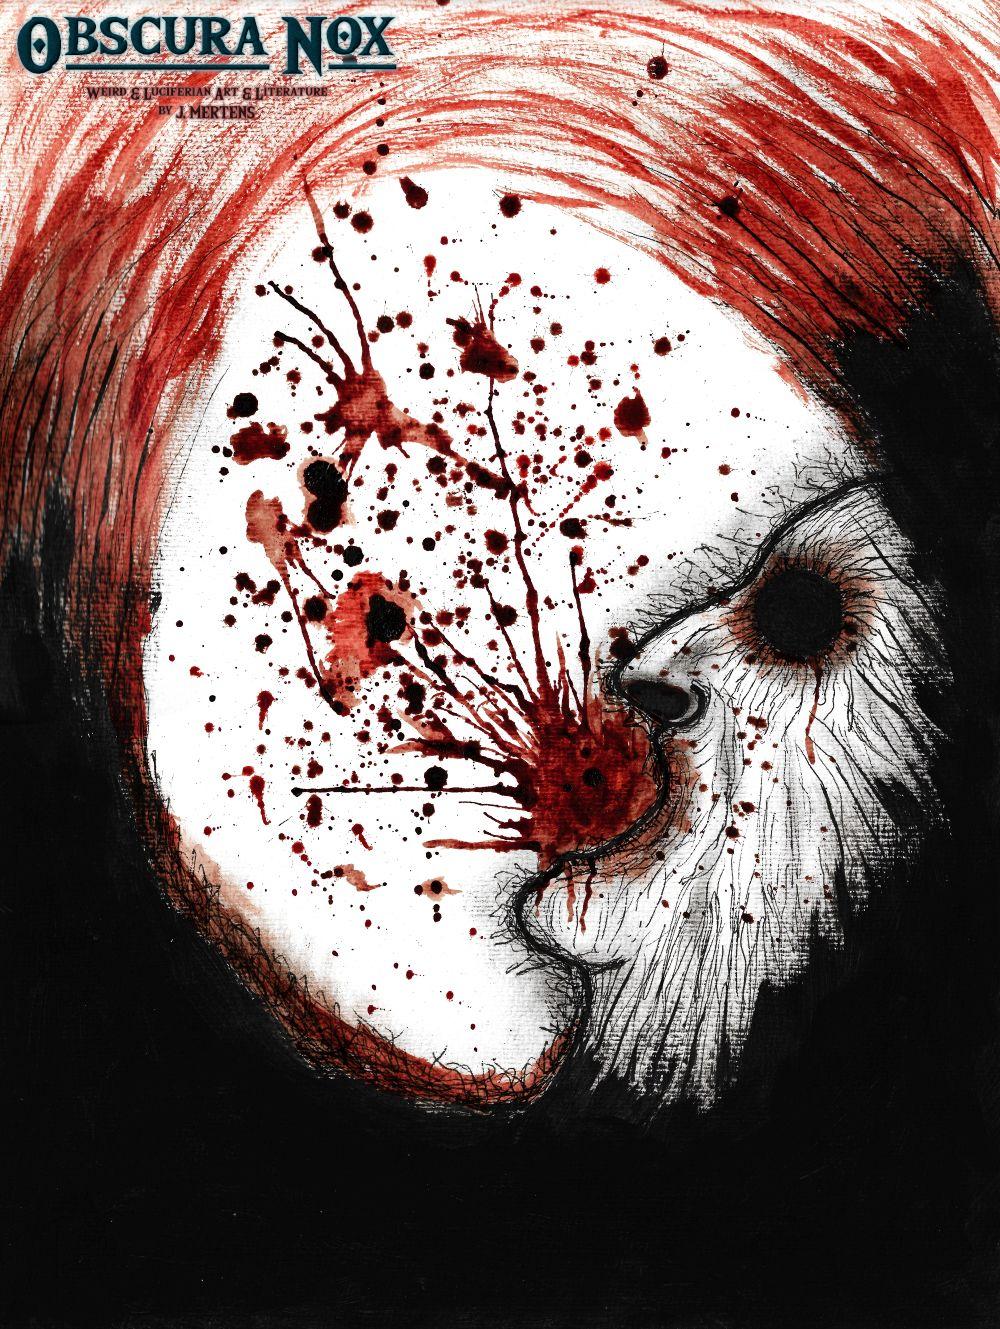 Sog aus Blut und Schwärze